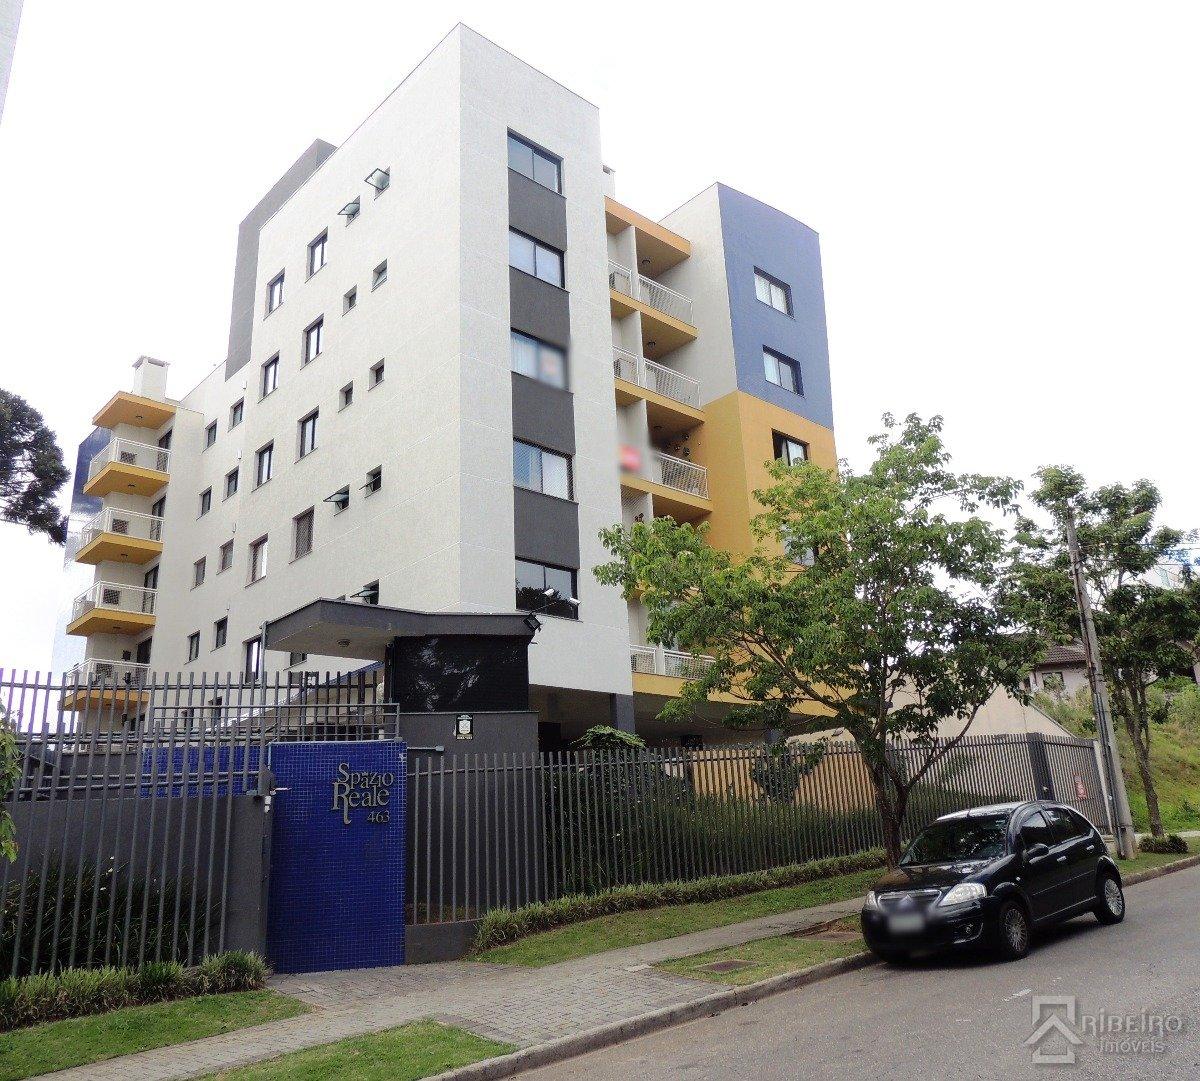 REF. 7072 -  São José Dos Pinhais - Rua  Uniao Da Vitoria, 463 - Apto 23